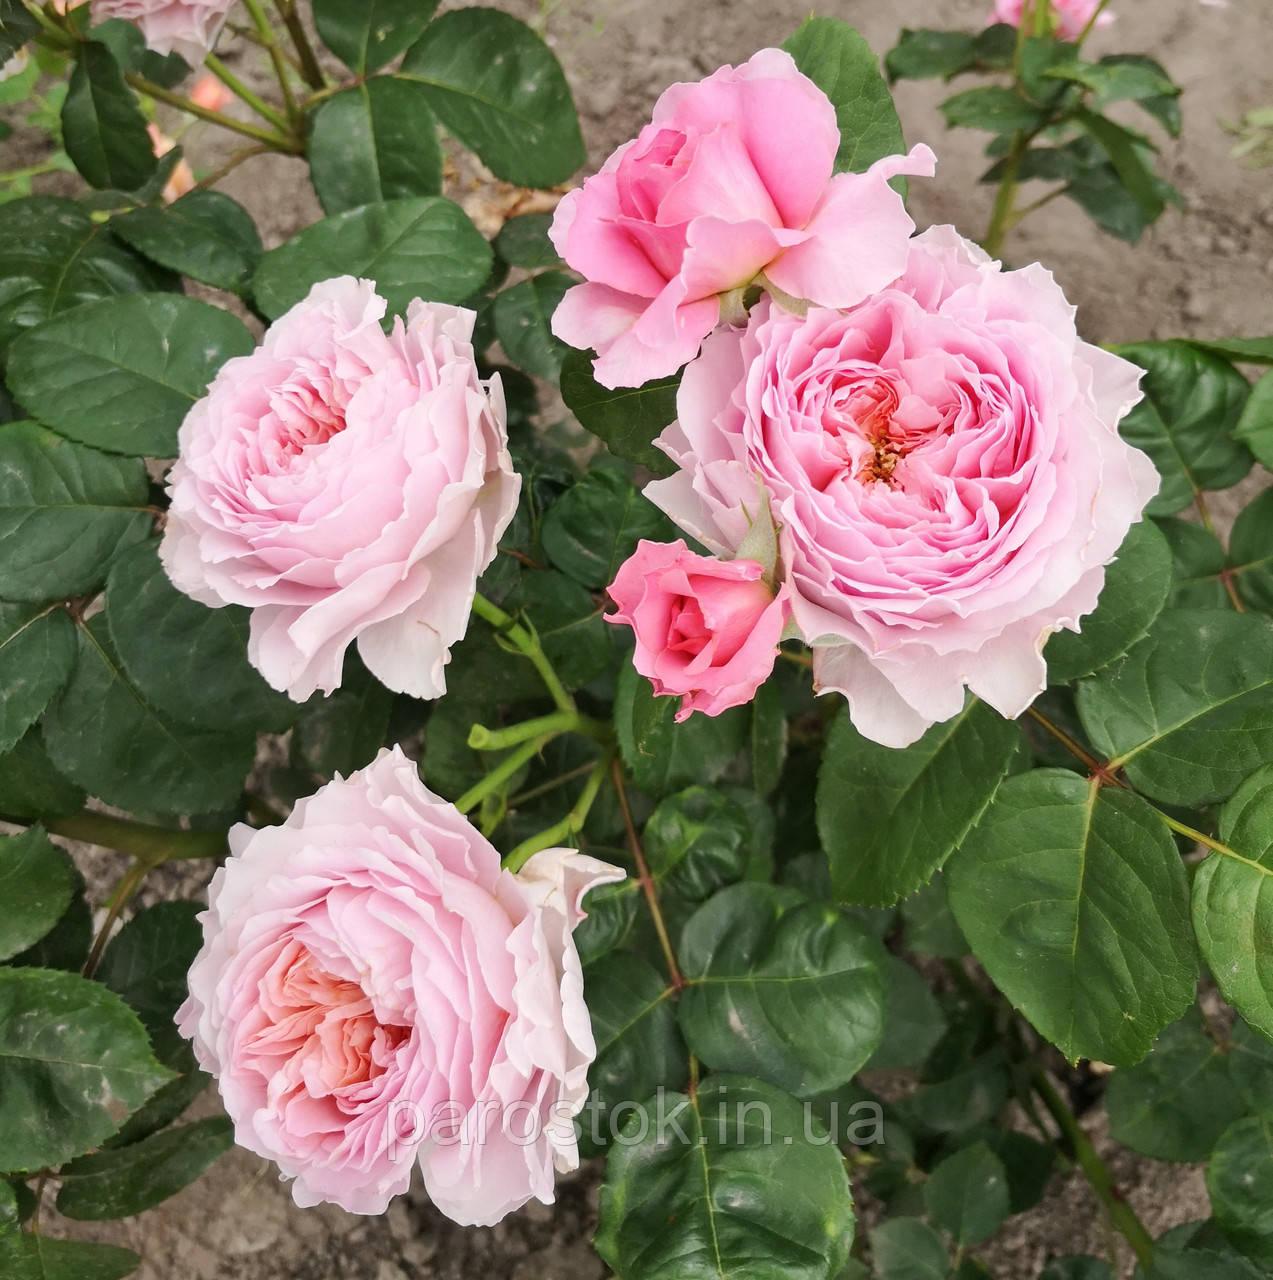 Роза Айсфогель. (вв). Чайно-гибридная роза